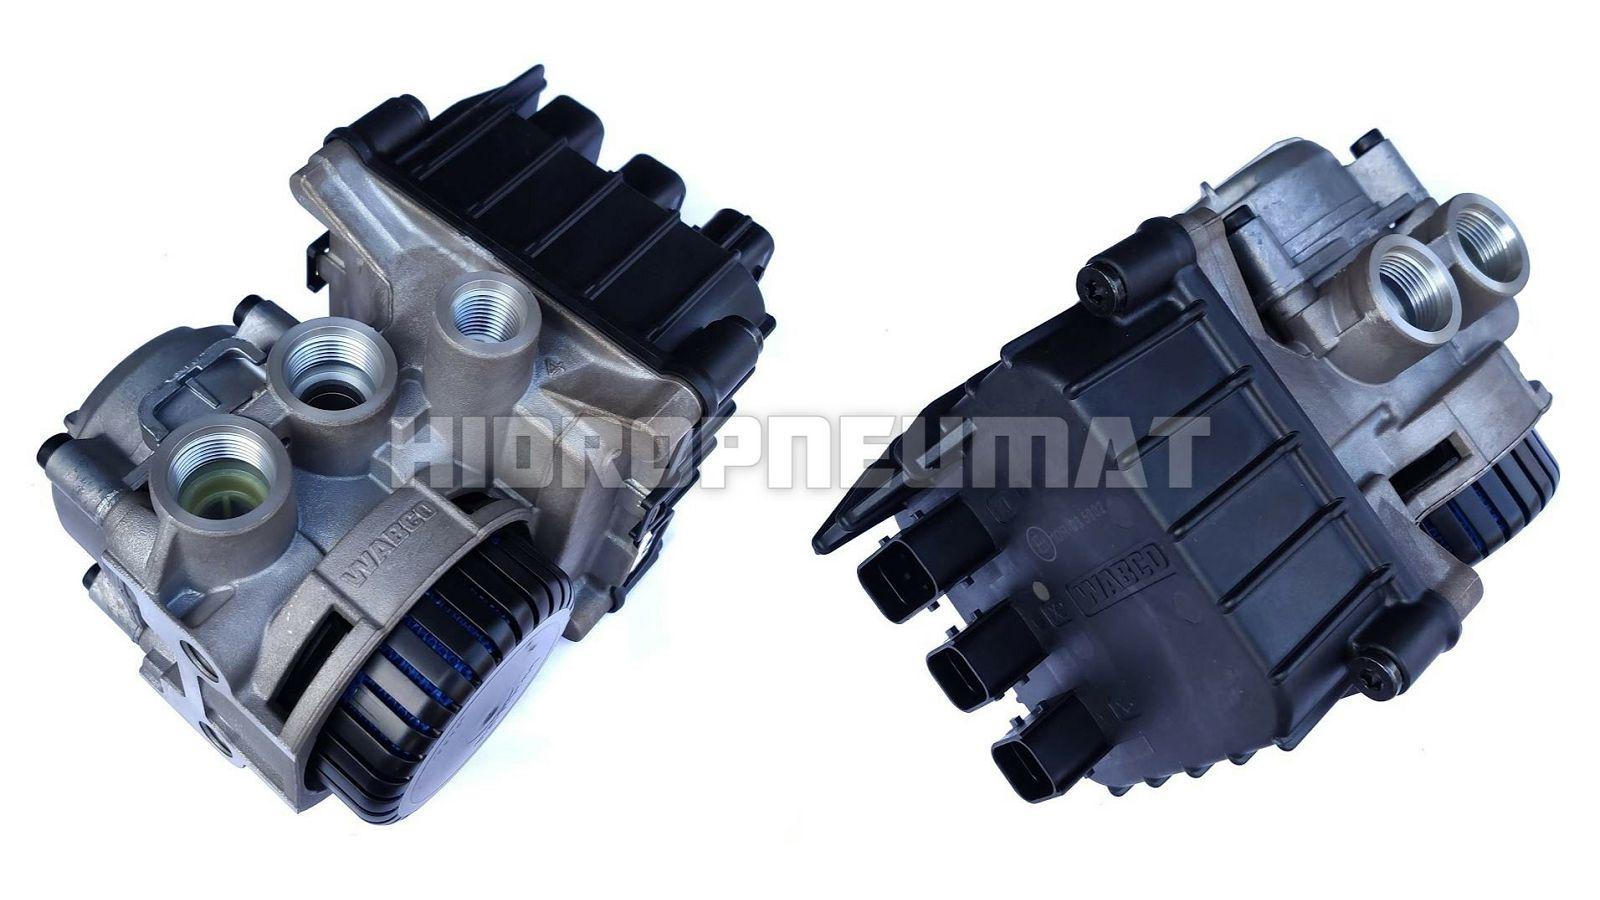 ebs-modulator-vdl-faw-1-channel-gen-4-wabco-125145_1.jpg